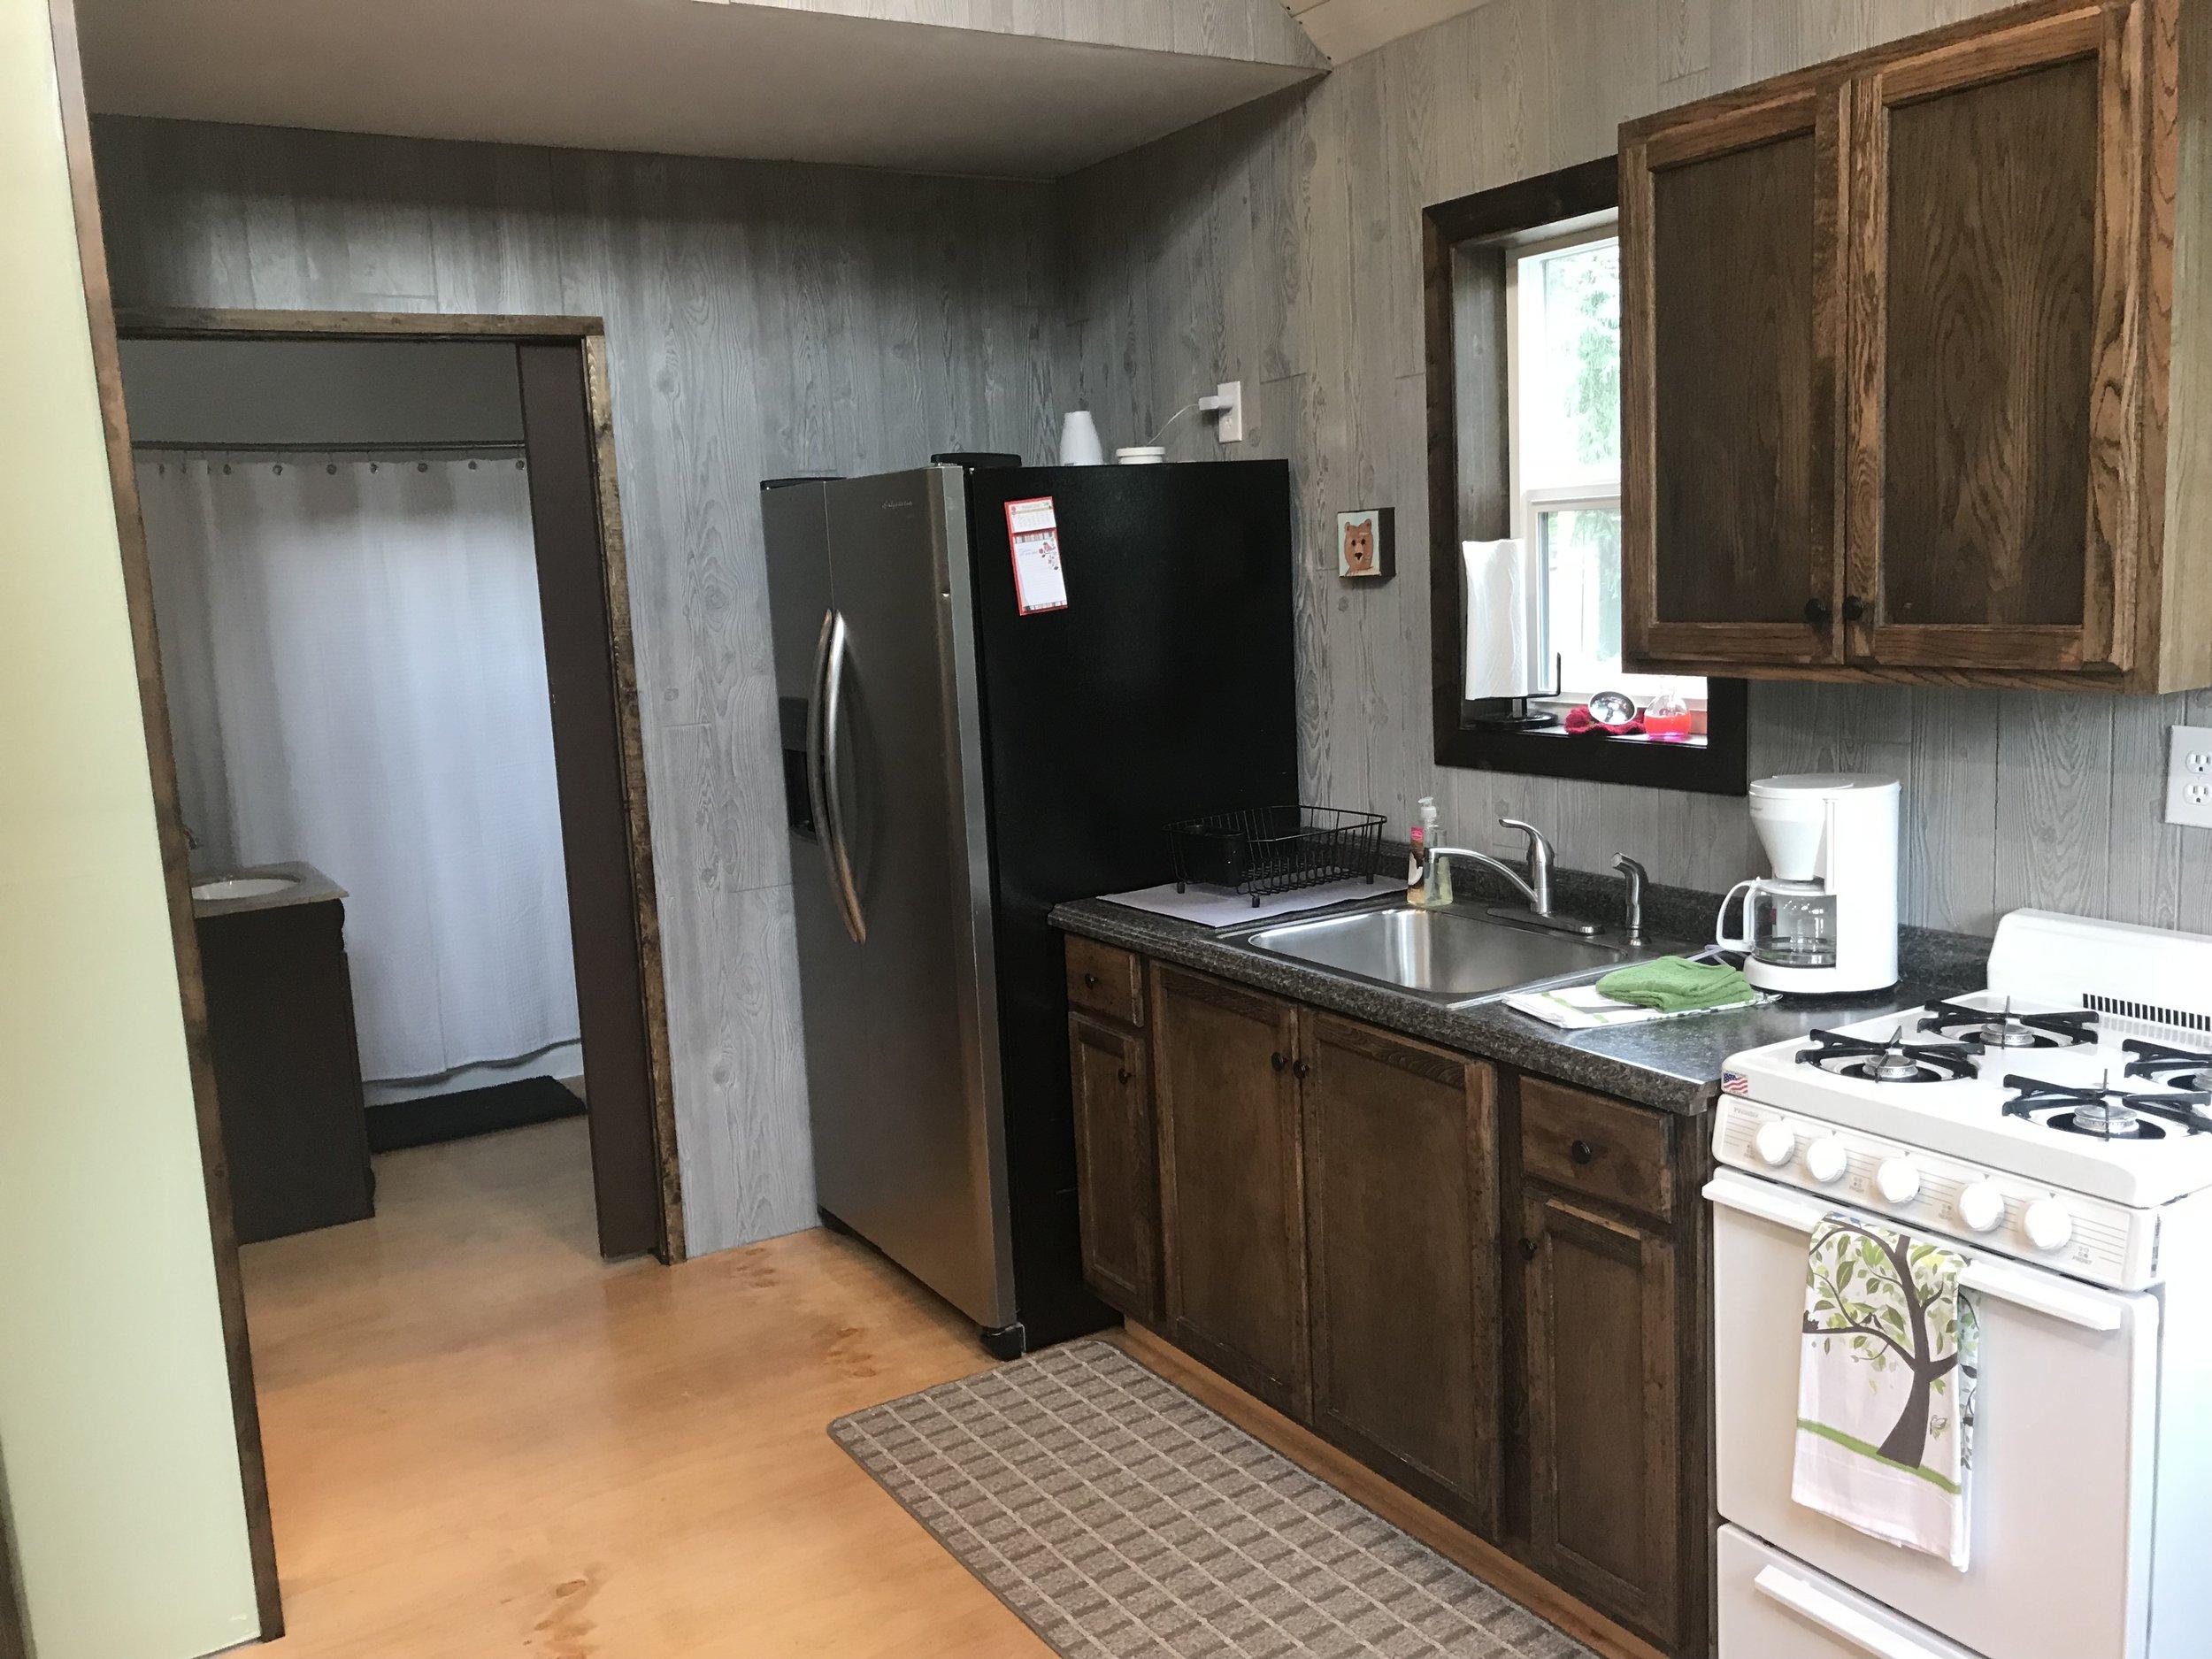 Full kitchen and big fridge.